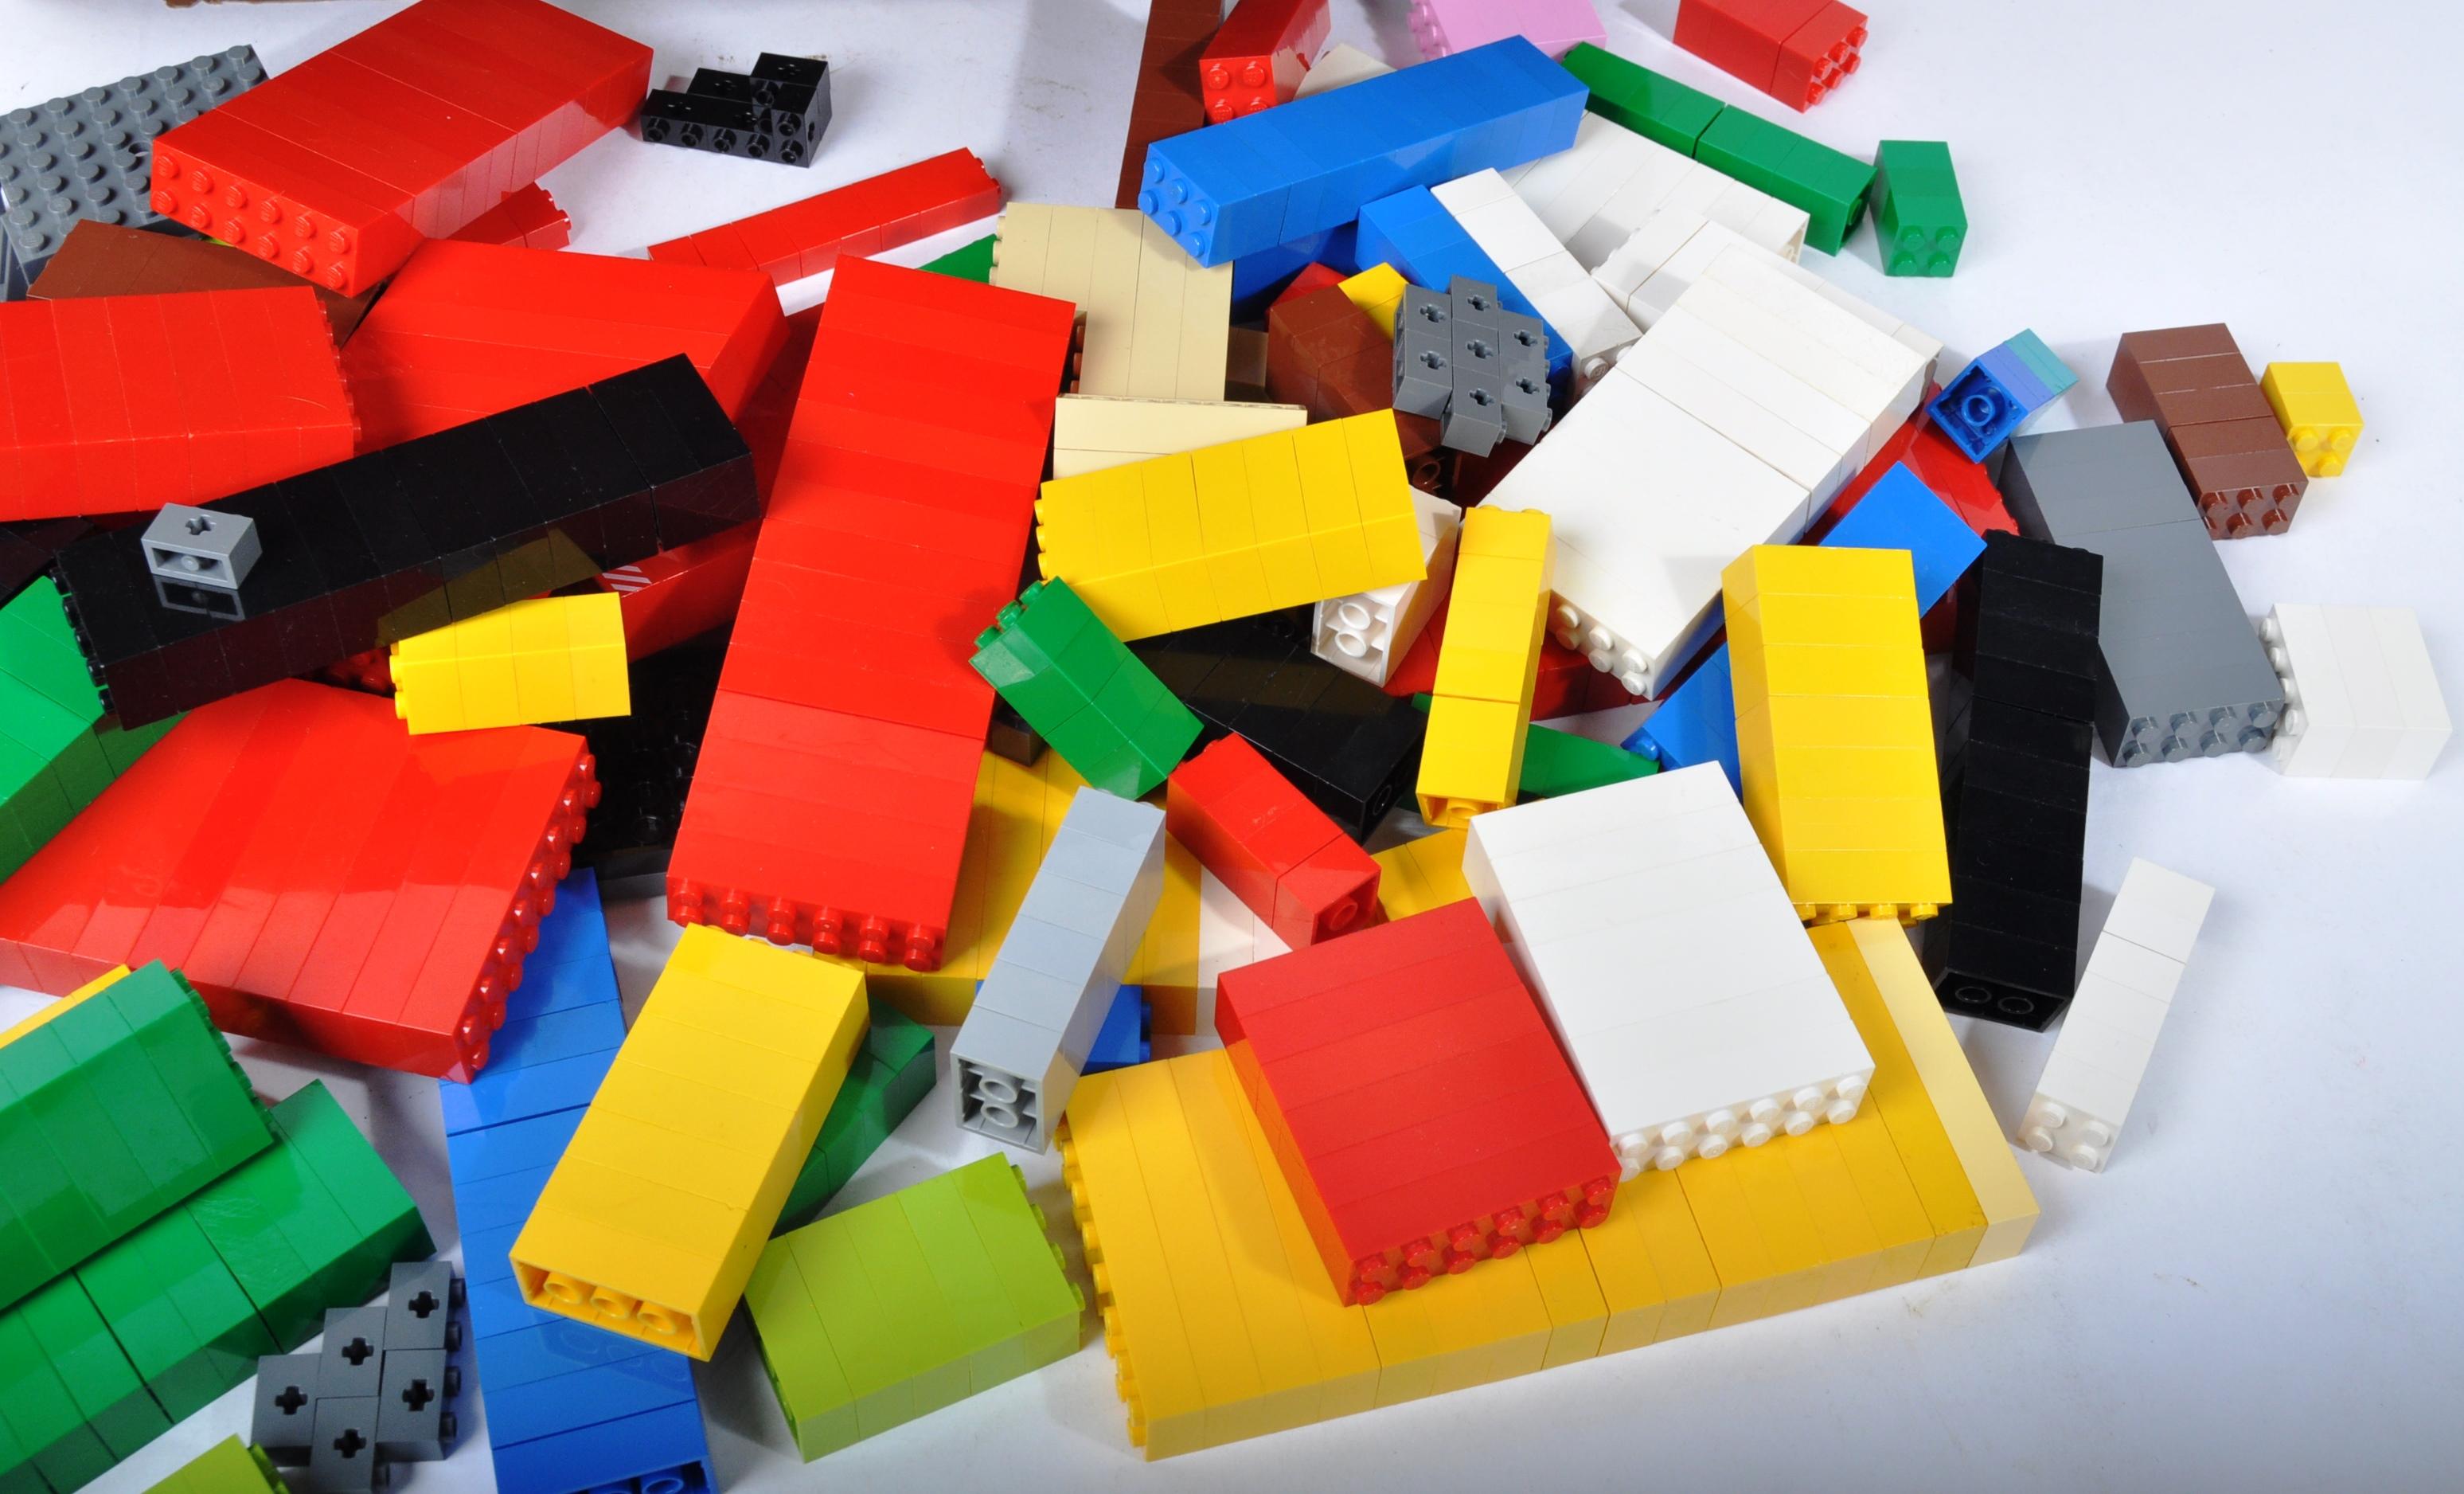 LARGE ASSORTMENT OF LOOSE LEGO BRICKS - Image 3 of 4